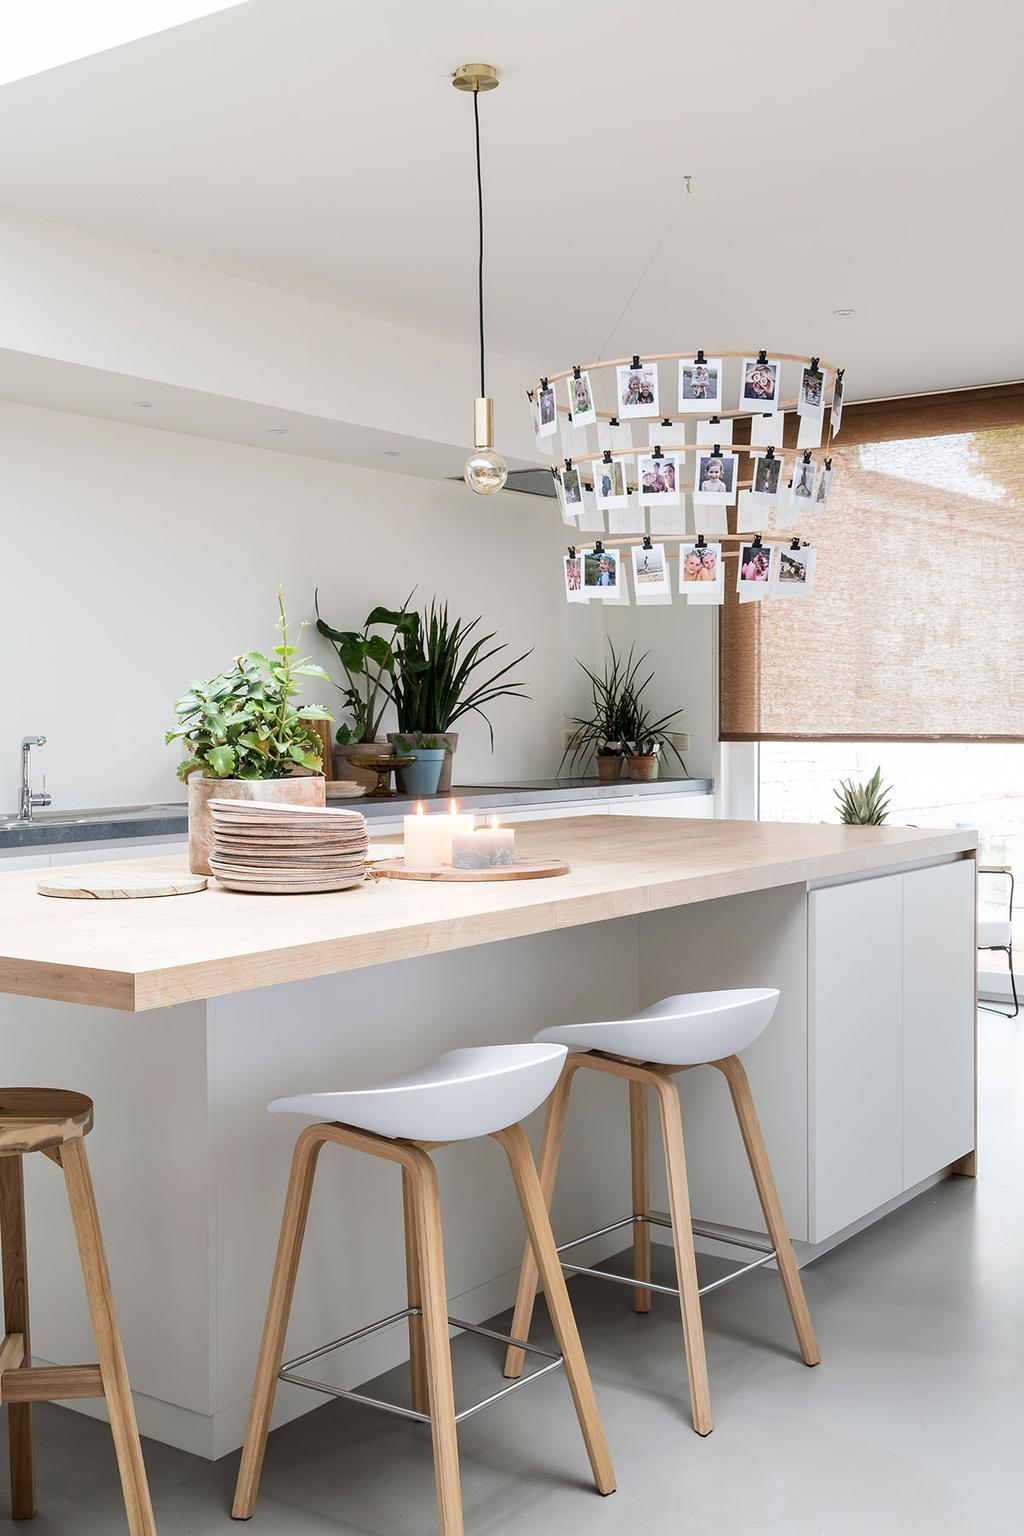 De toog in de keuken van Lien en Nicholas uit de vijfde aflevering van het tweede seizoen van Een frisse start met vtwonen.